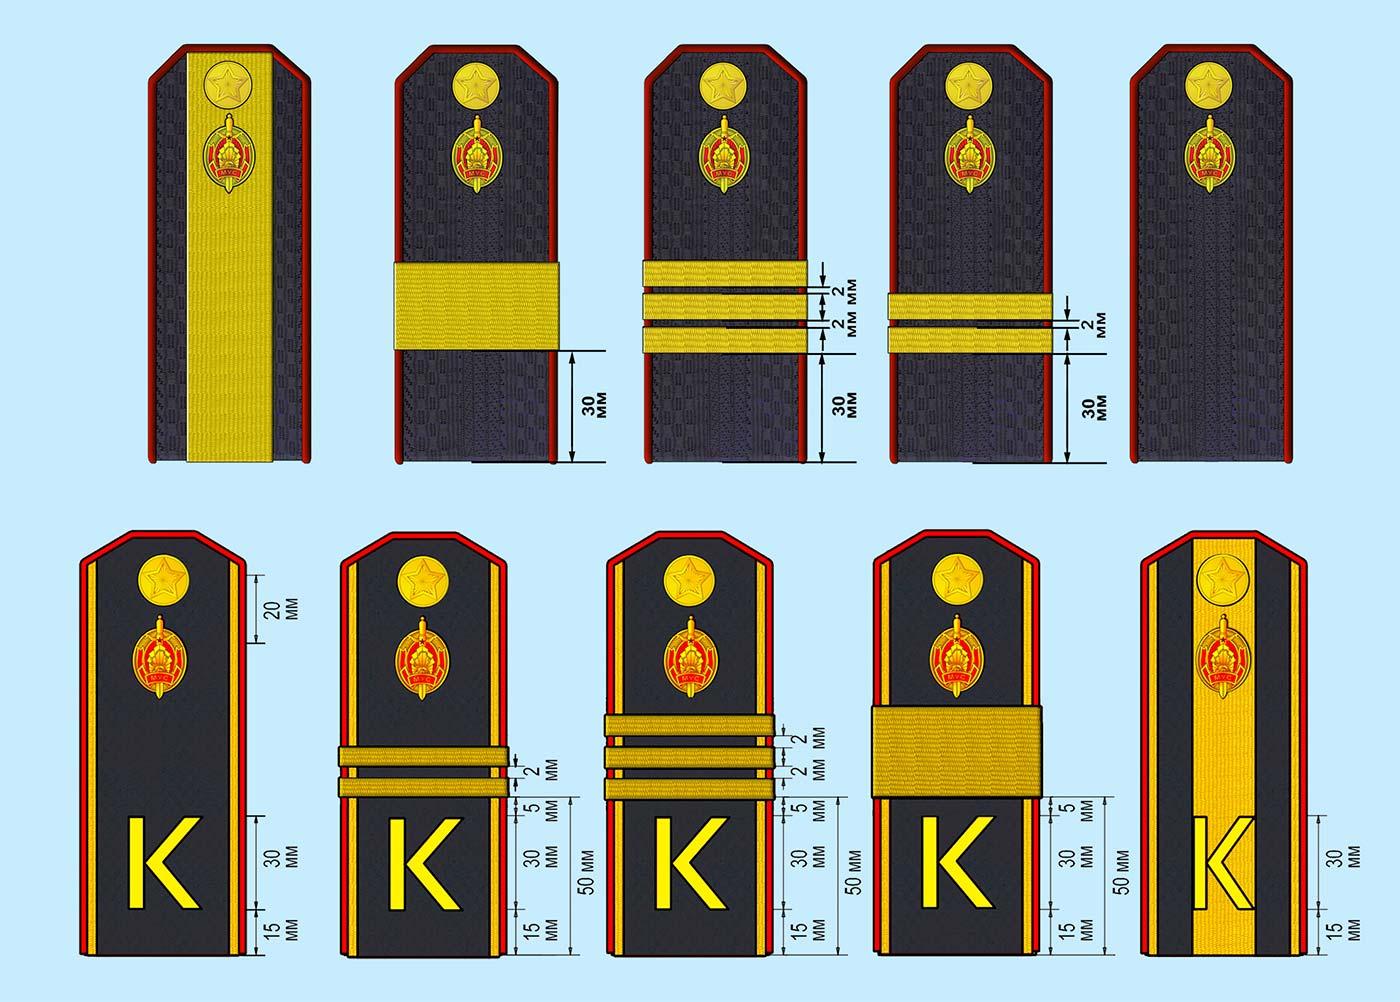 лычки на погонах мчс нового образца фото курьезных